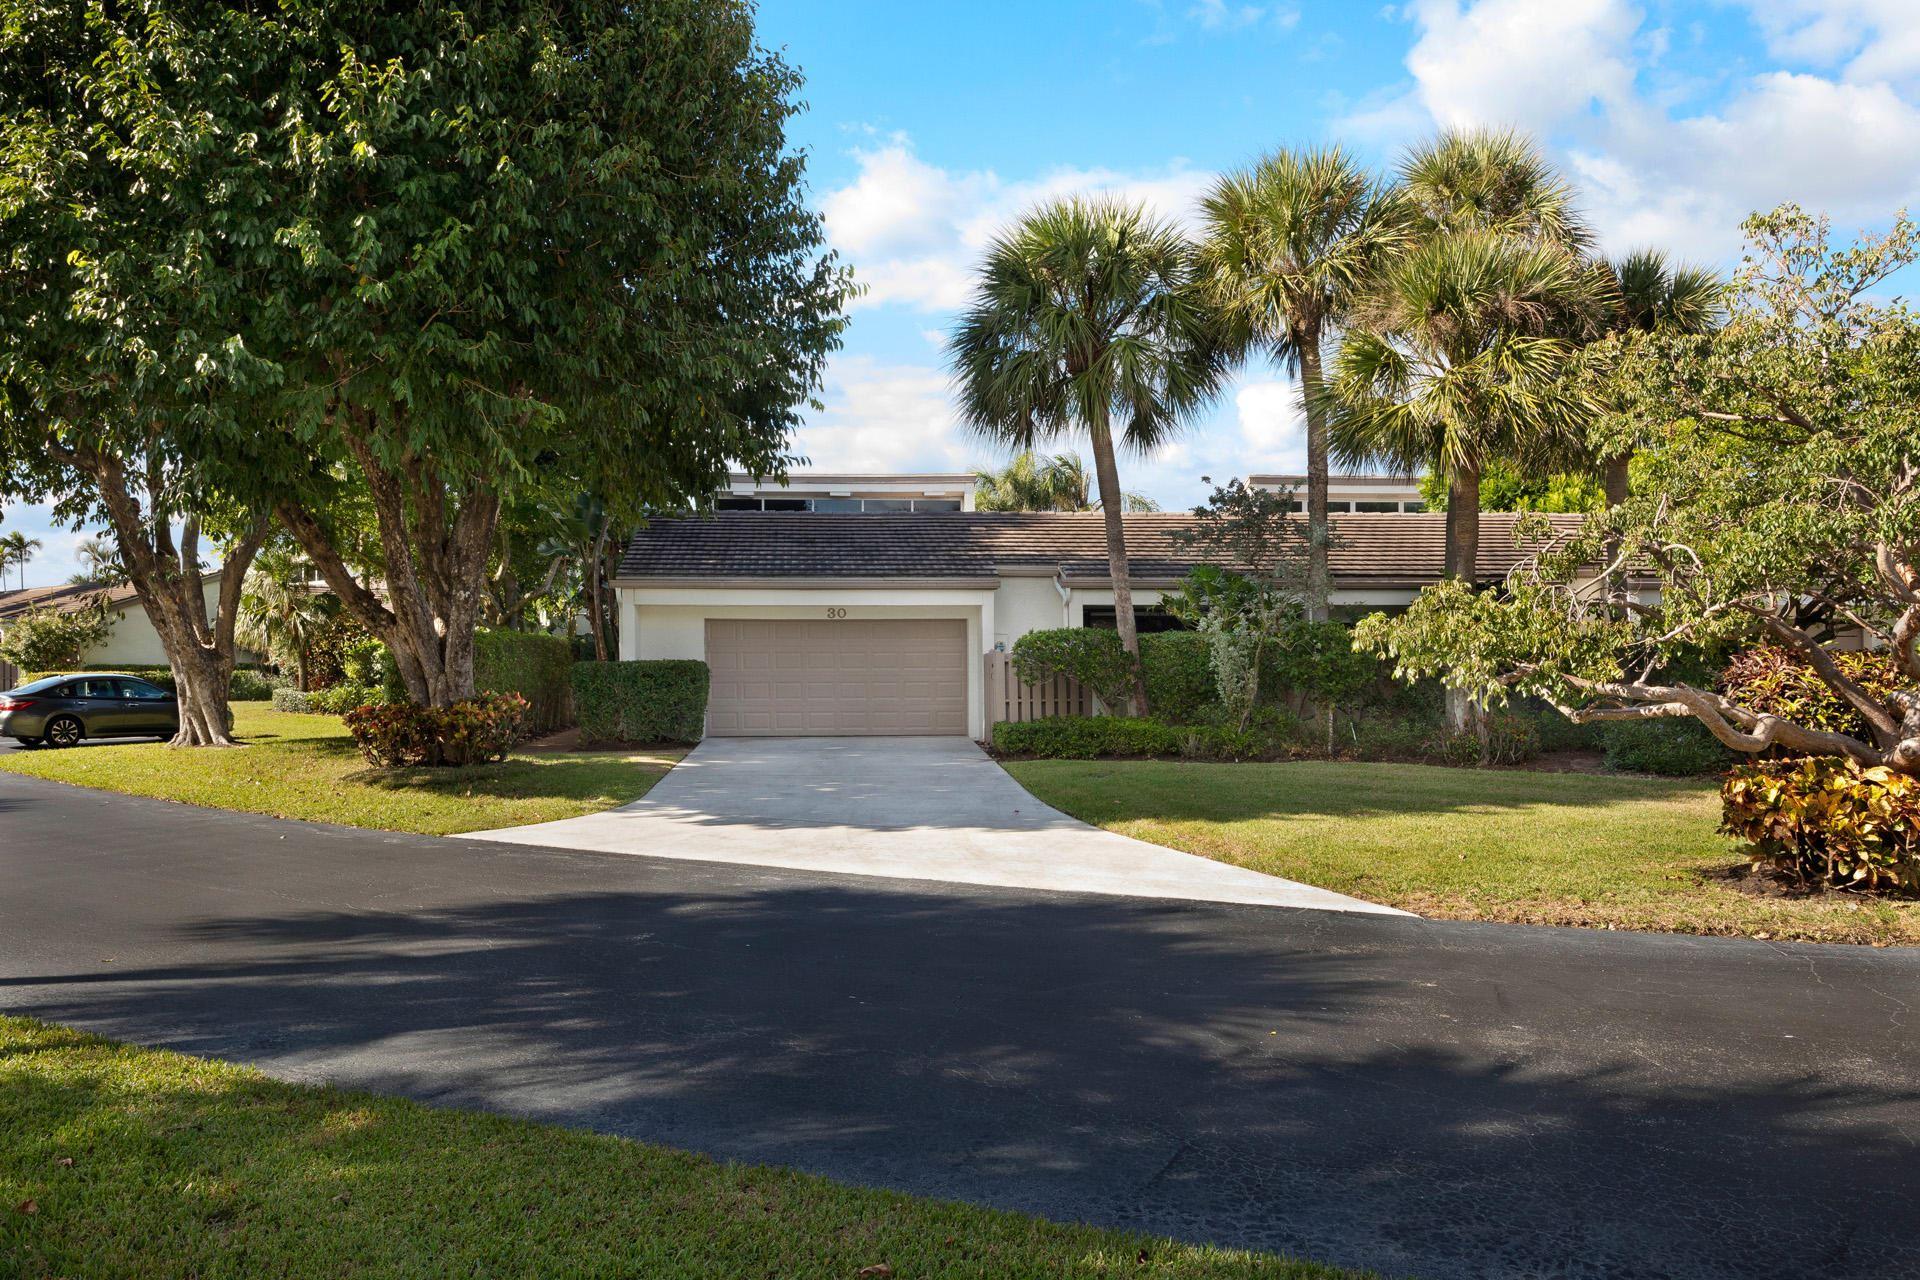 Photo of 6110 N Ocean 30 Boulevard #30, Ocean Ridge, FL 33435 (MLS # RX-10672003)